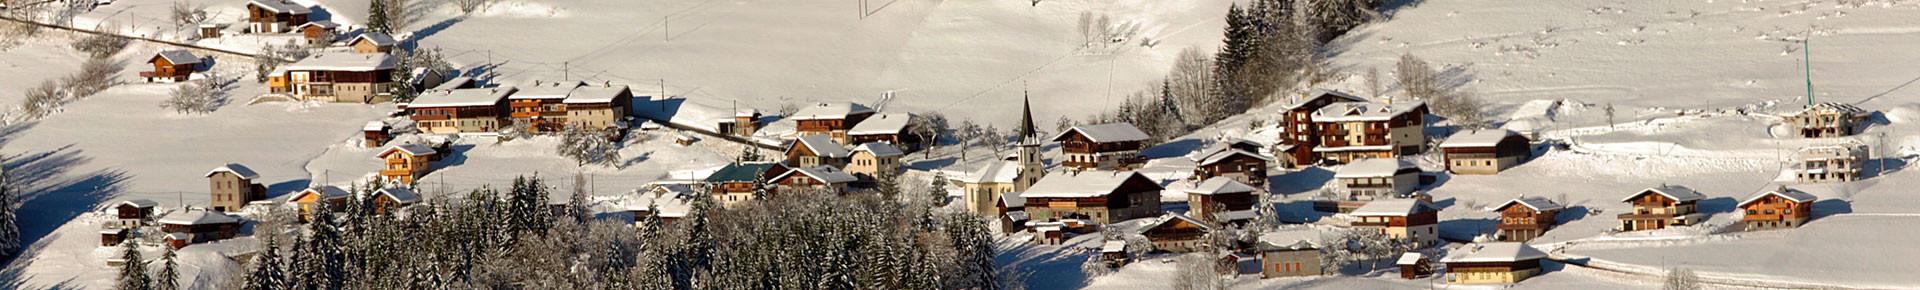 Le village de La Côte d'Arbroz en hiver